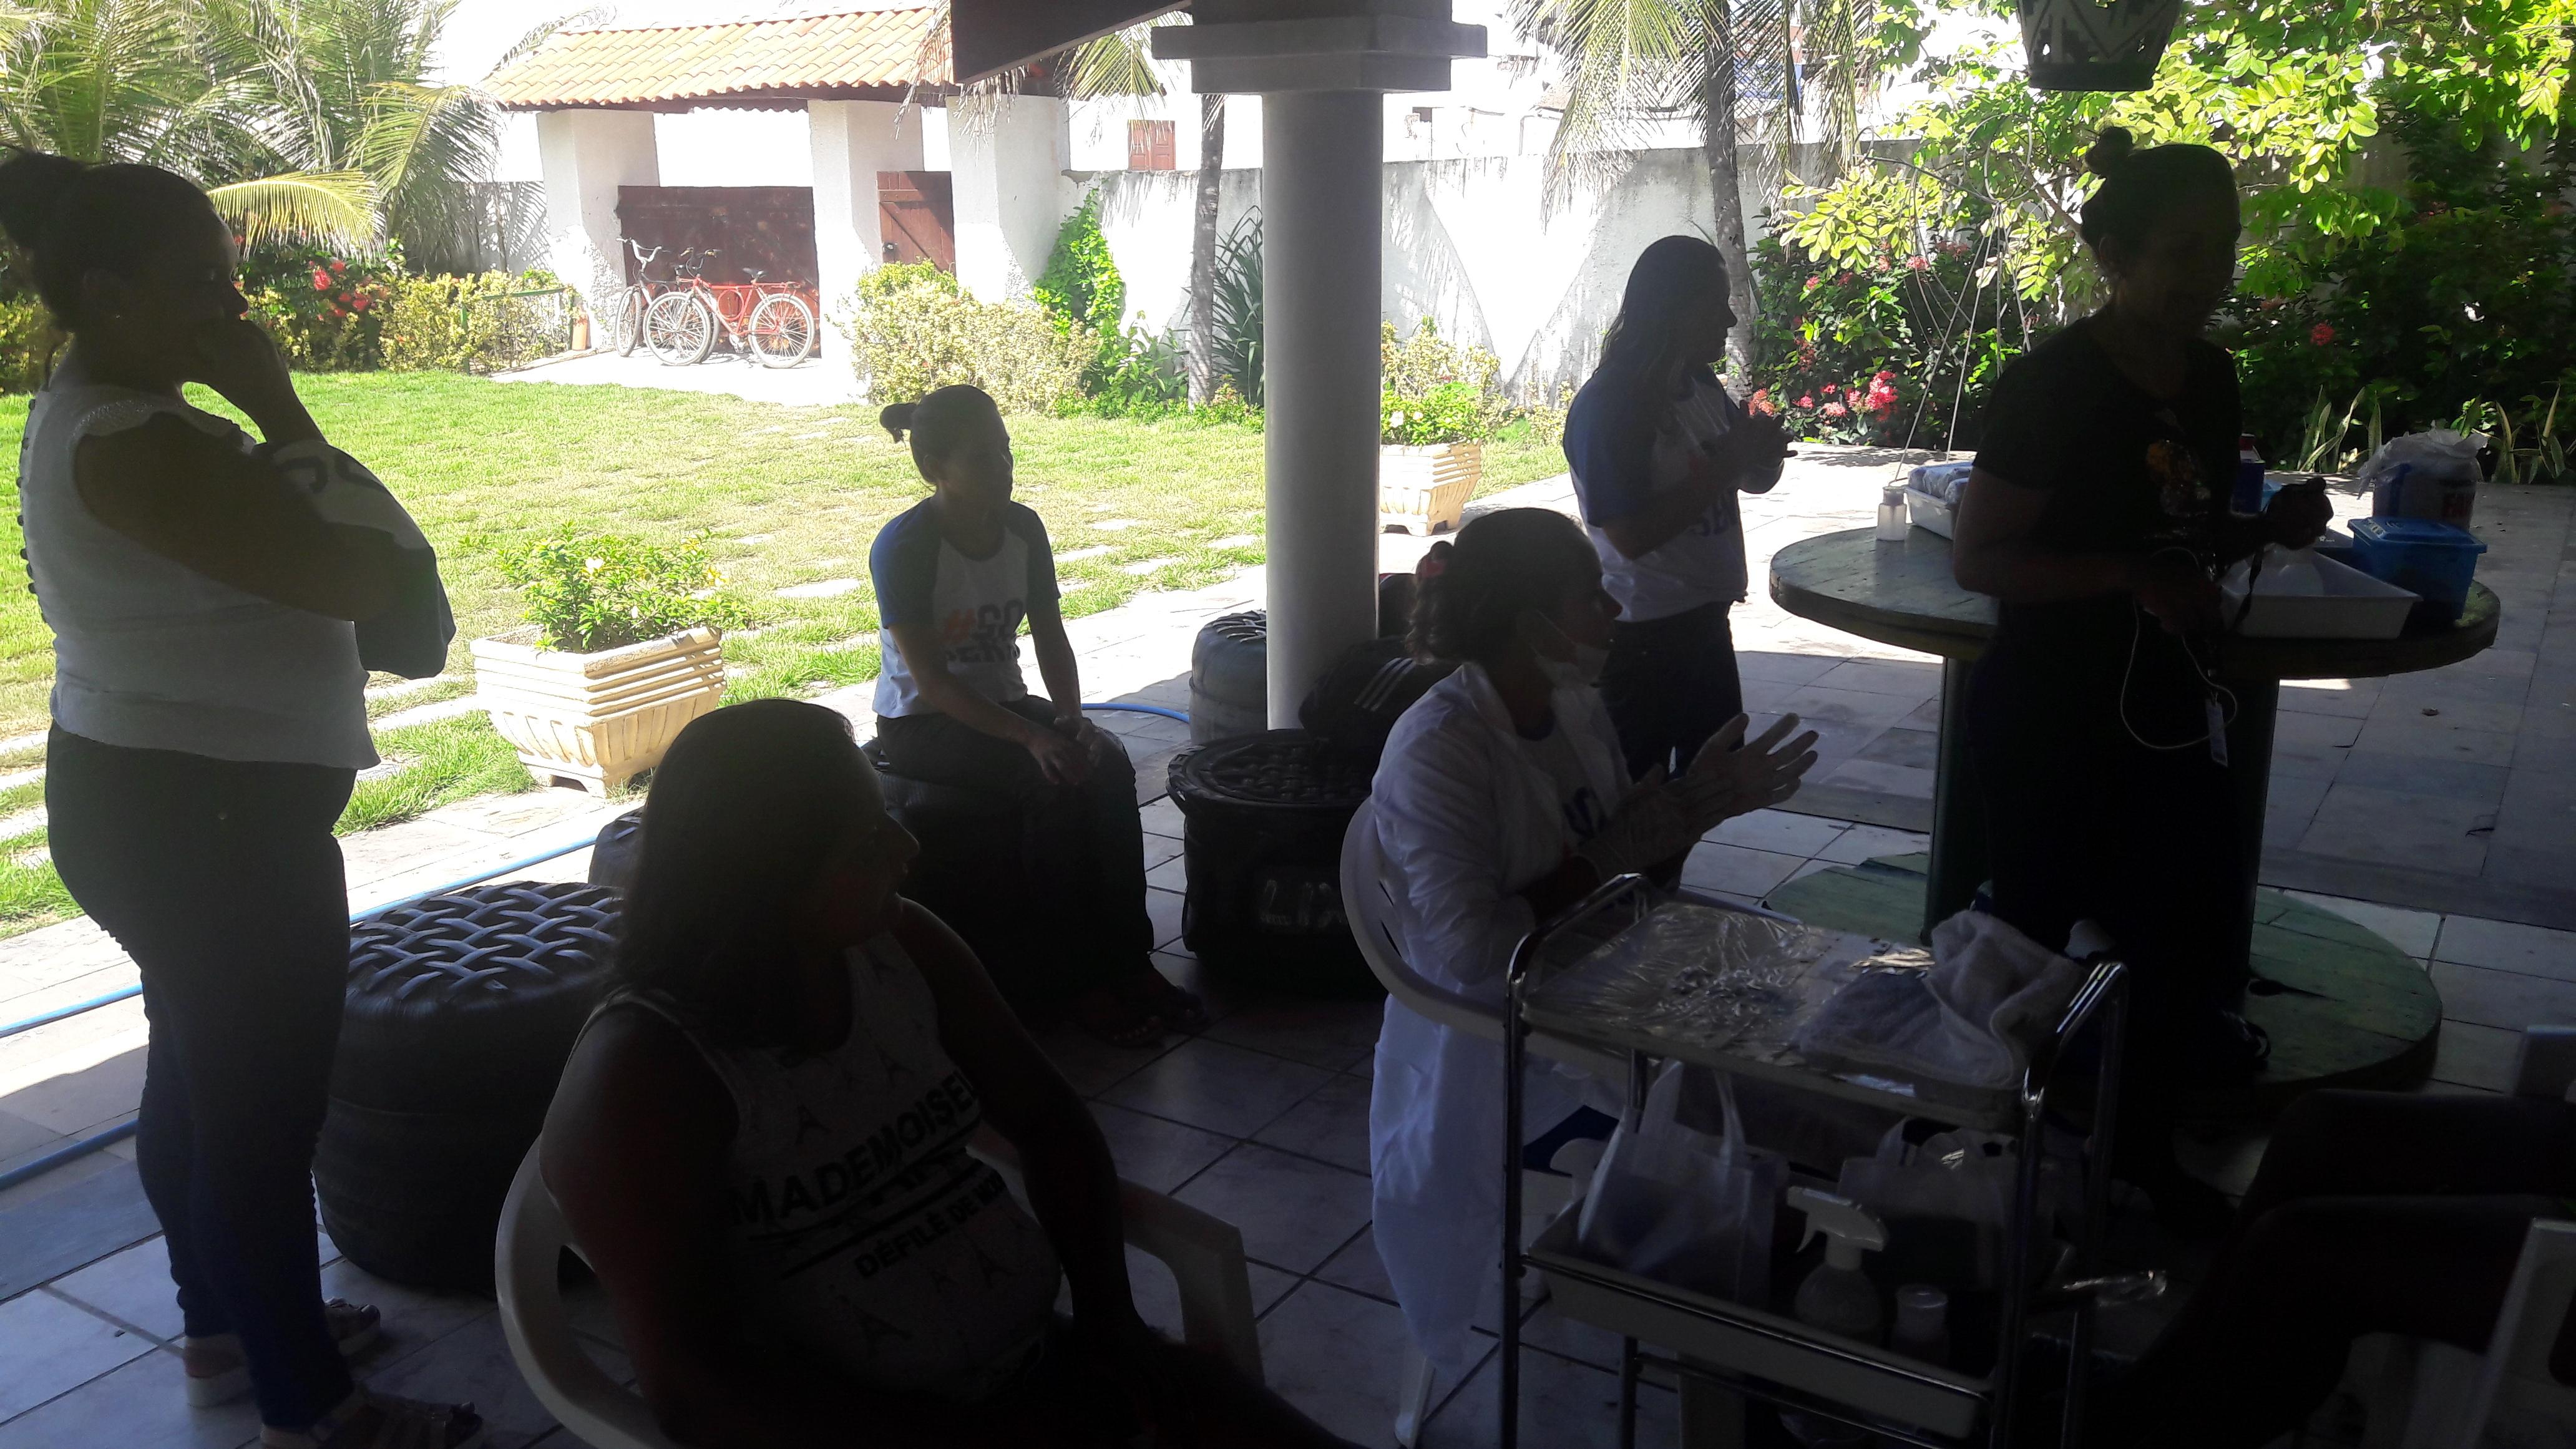 II AÇÃO SOCIAL PARA O POVO DE AQUIRAZ, DESSA VEZ EM ESPECIAL A COMUNIDADE DO IGUAPE FOI BENEFICIADA PELOS TRABALHOS DA APREMACE.